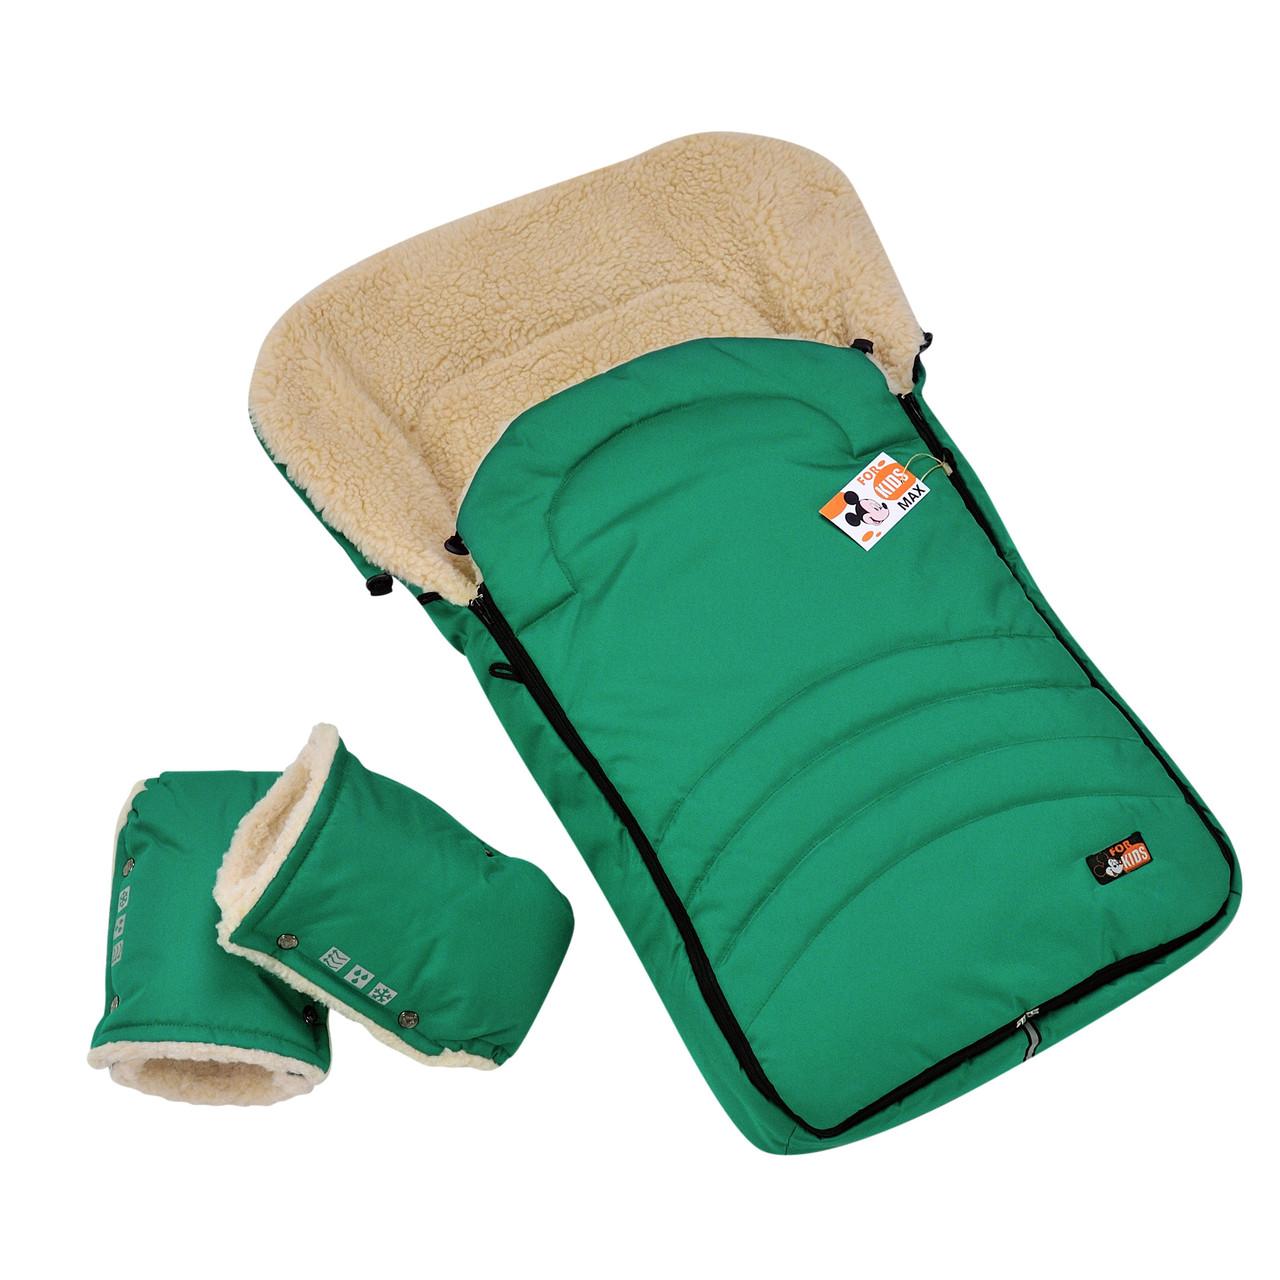 """Детский зимний конверт чехол на овчине с рукавичками и бахилами """"For kids"""" Maxi зеленый"""